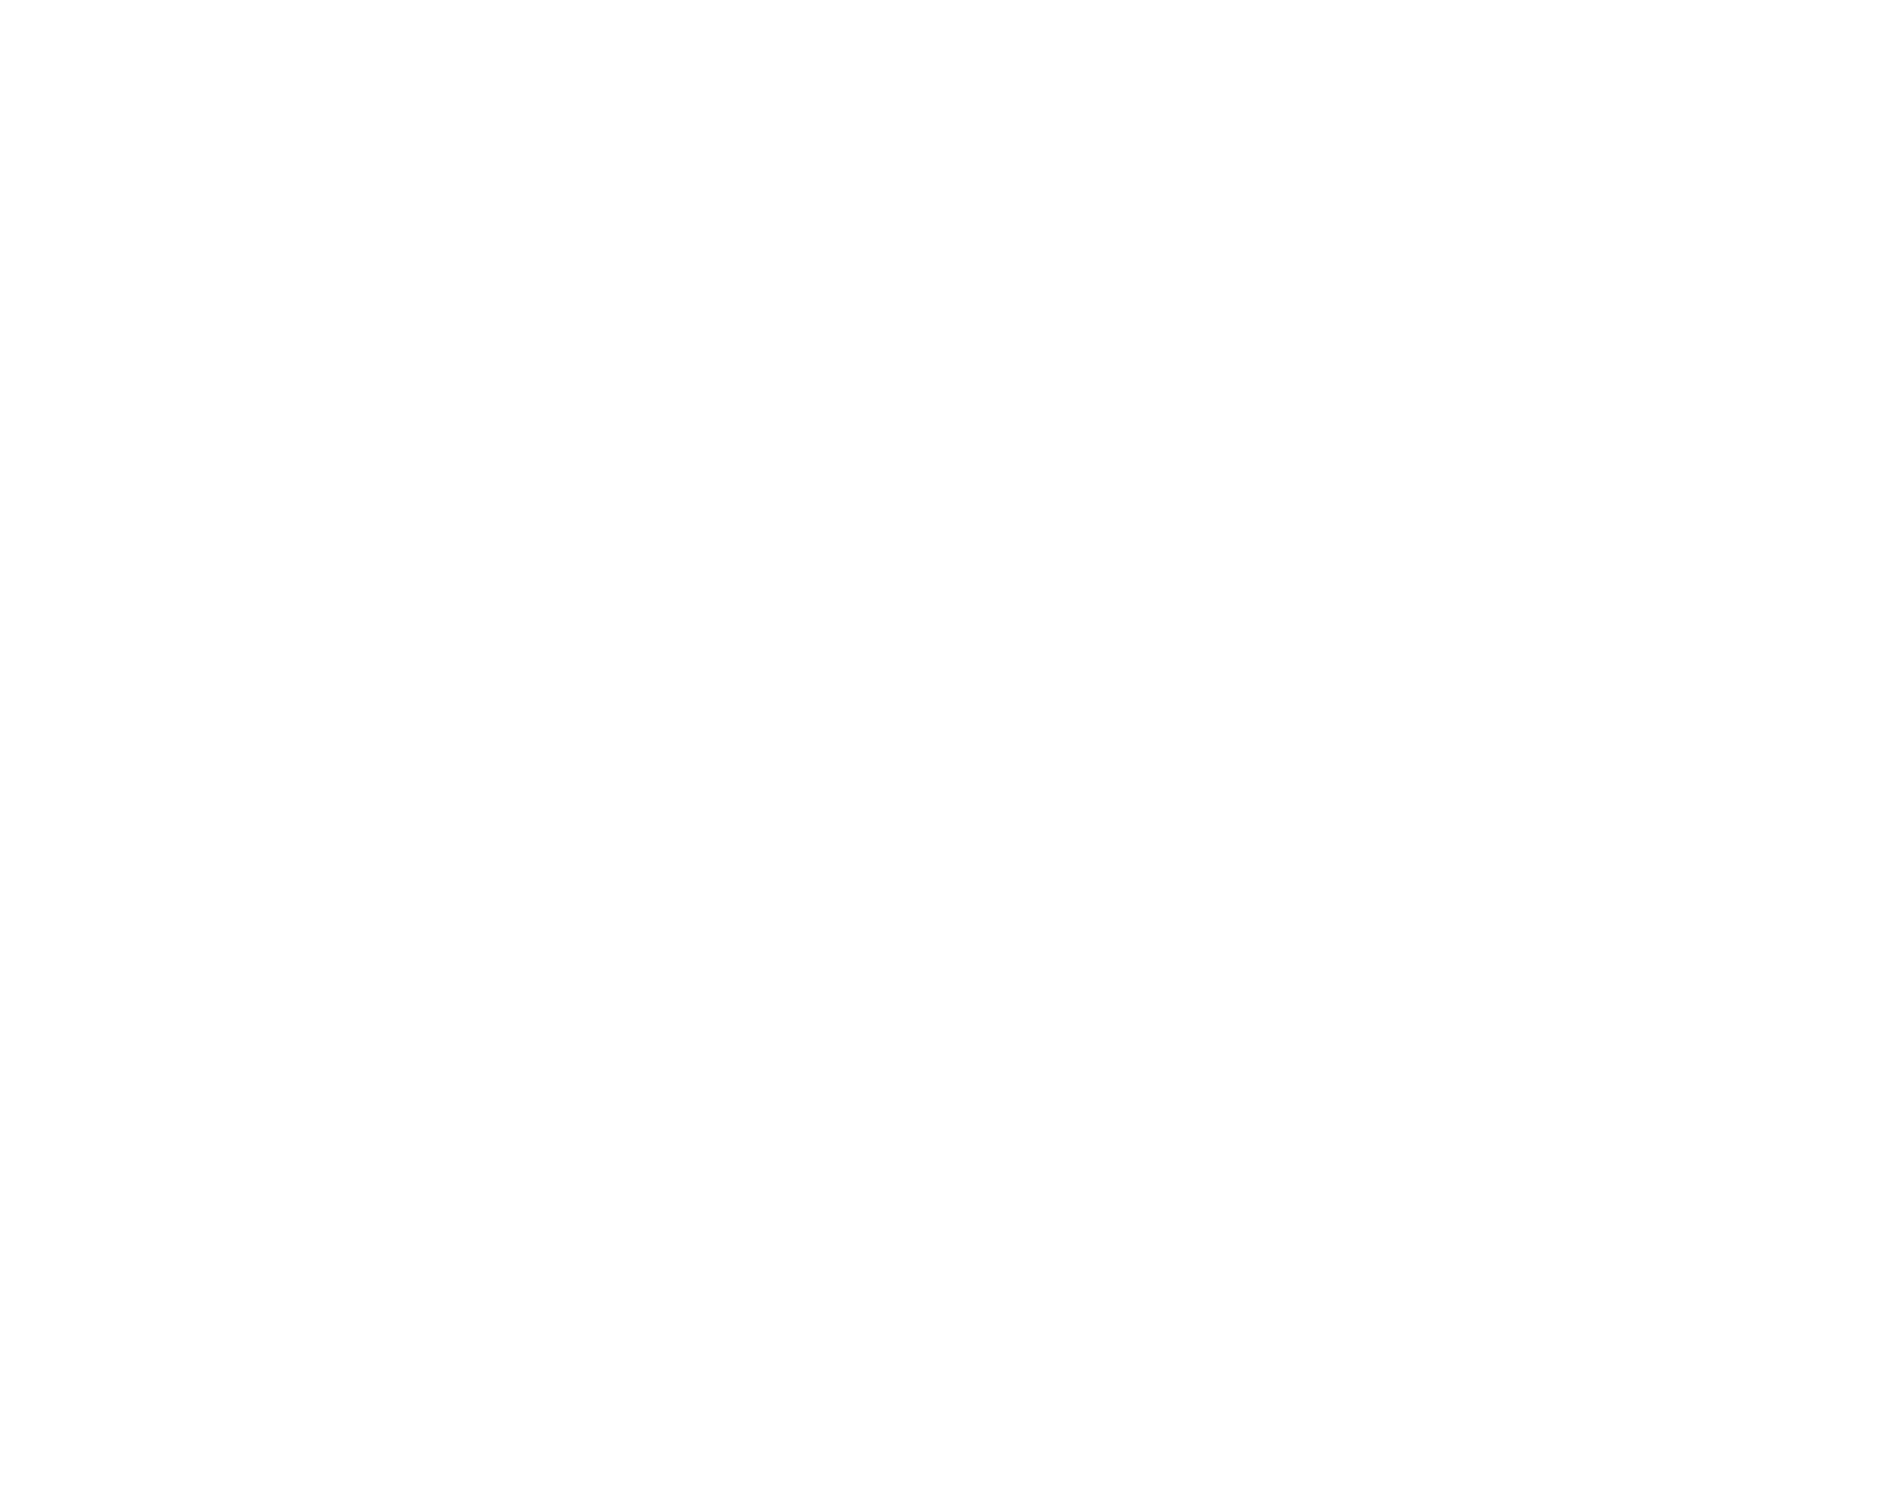 Dijital Medya Grubu